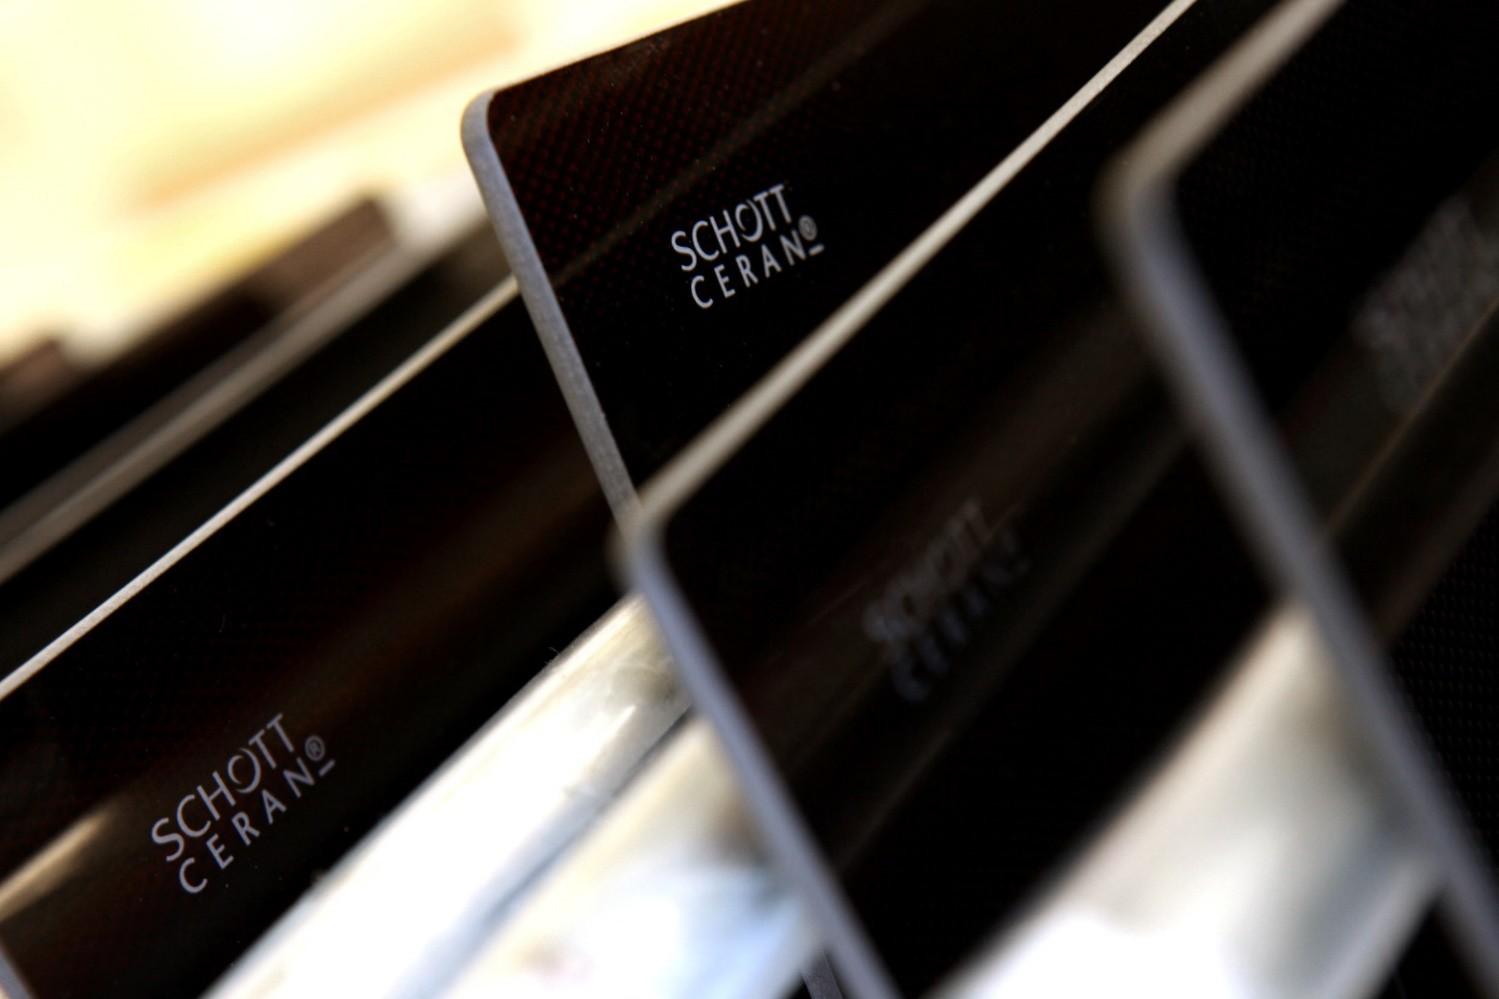 Afamily.vn - Mặt kính SCHOTT CERAN® – Vẻ đẹp vĩnh cửu